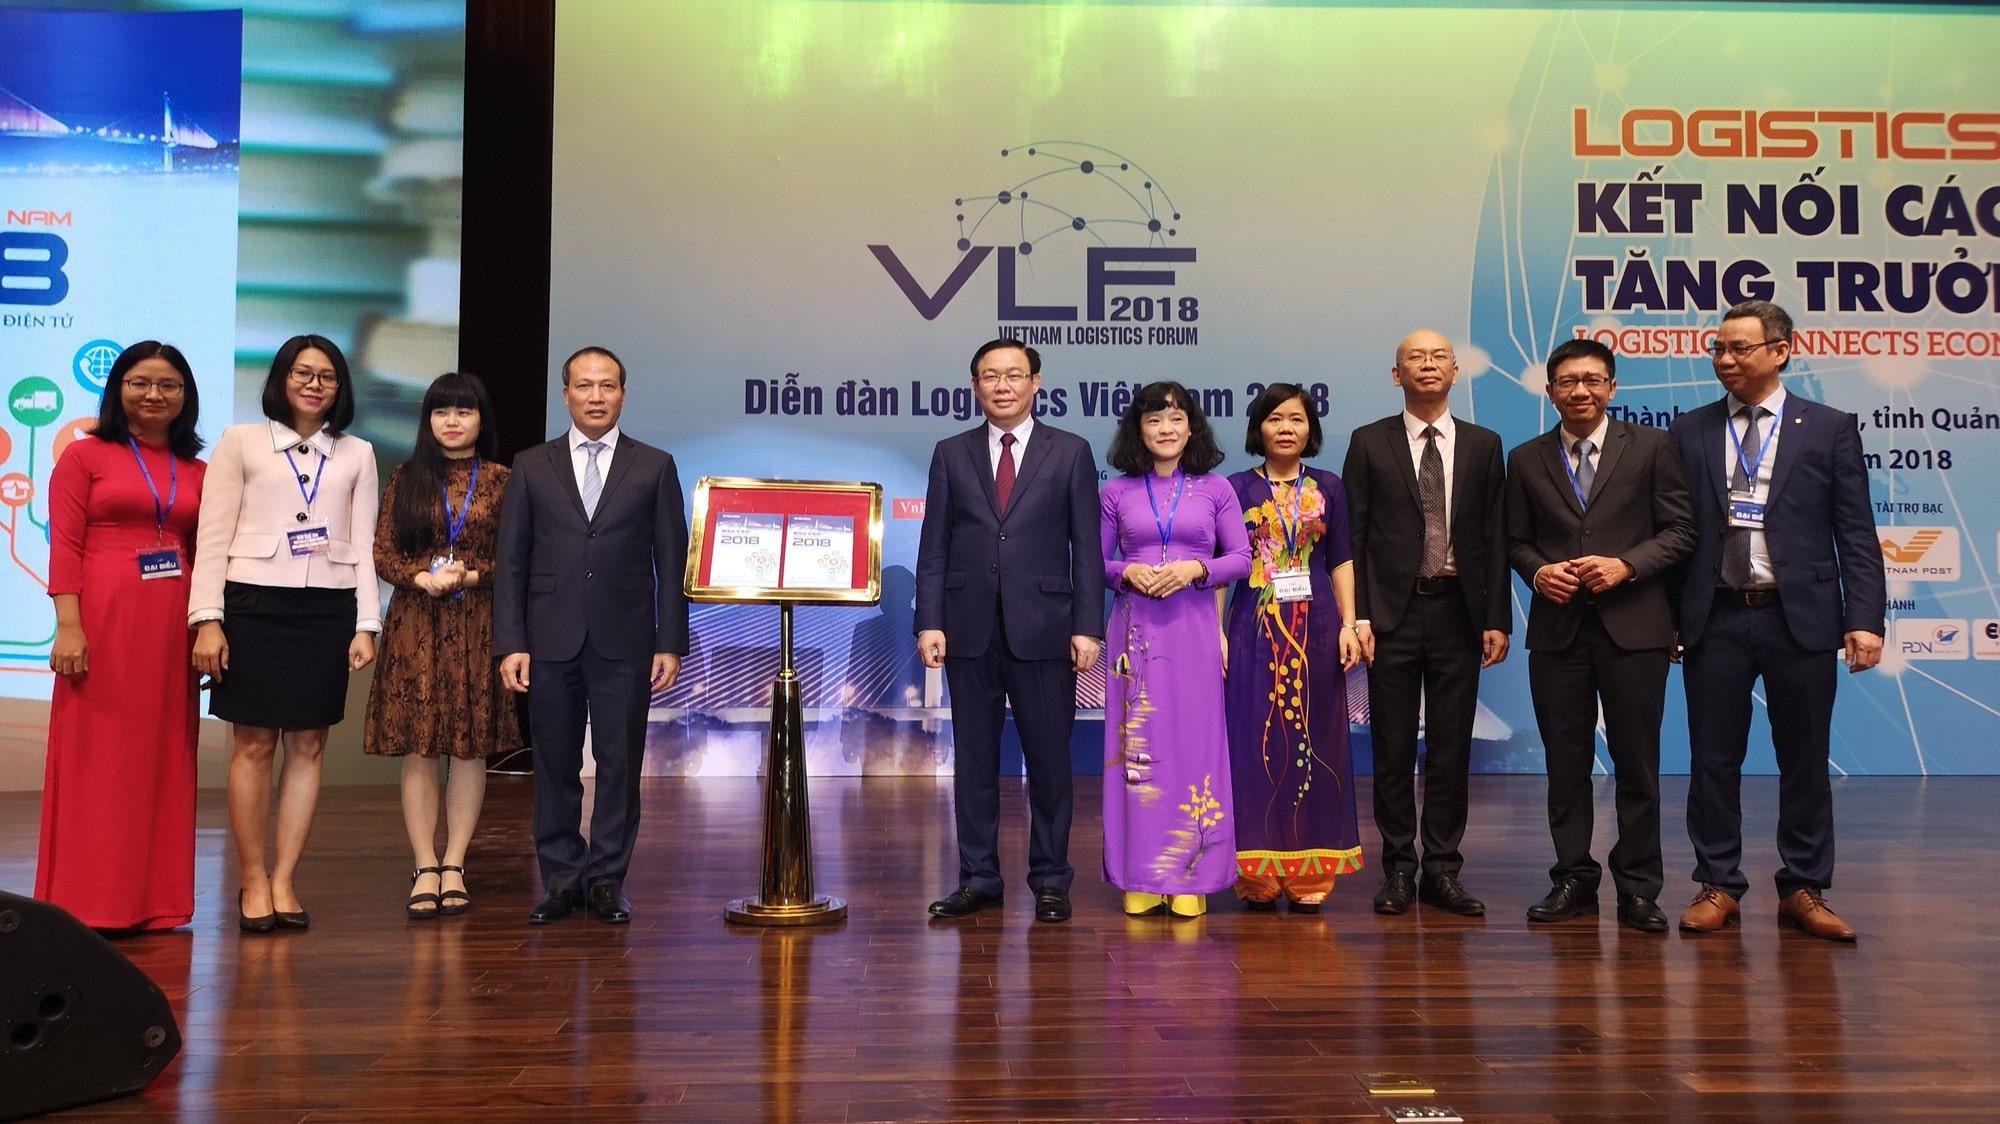 Trong khuôn khổ Diễn đàn Logistics Việt Nam 2018 diễn ra sáng 7/12 tại Quảng Ninh, Bộ Công Thương đã công bố Báo cáo Logistics Việt Nam 2018.